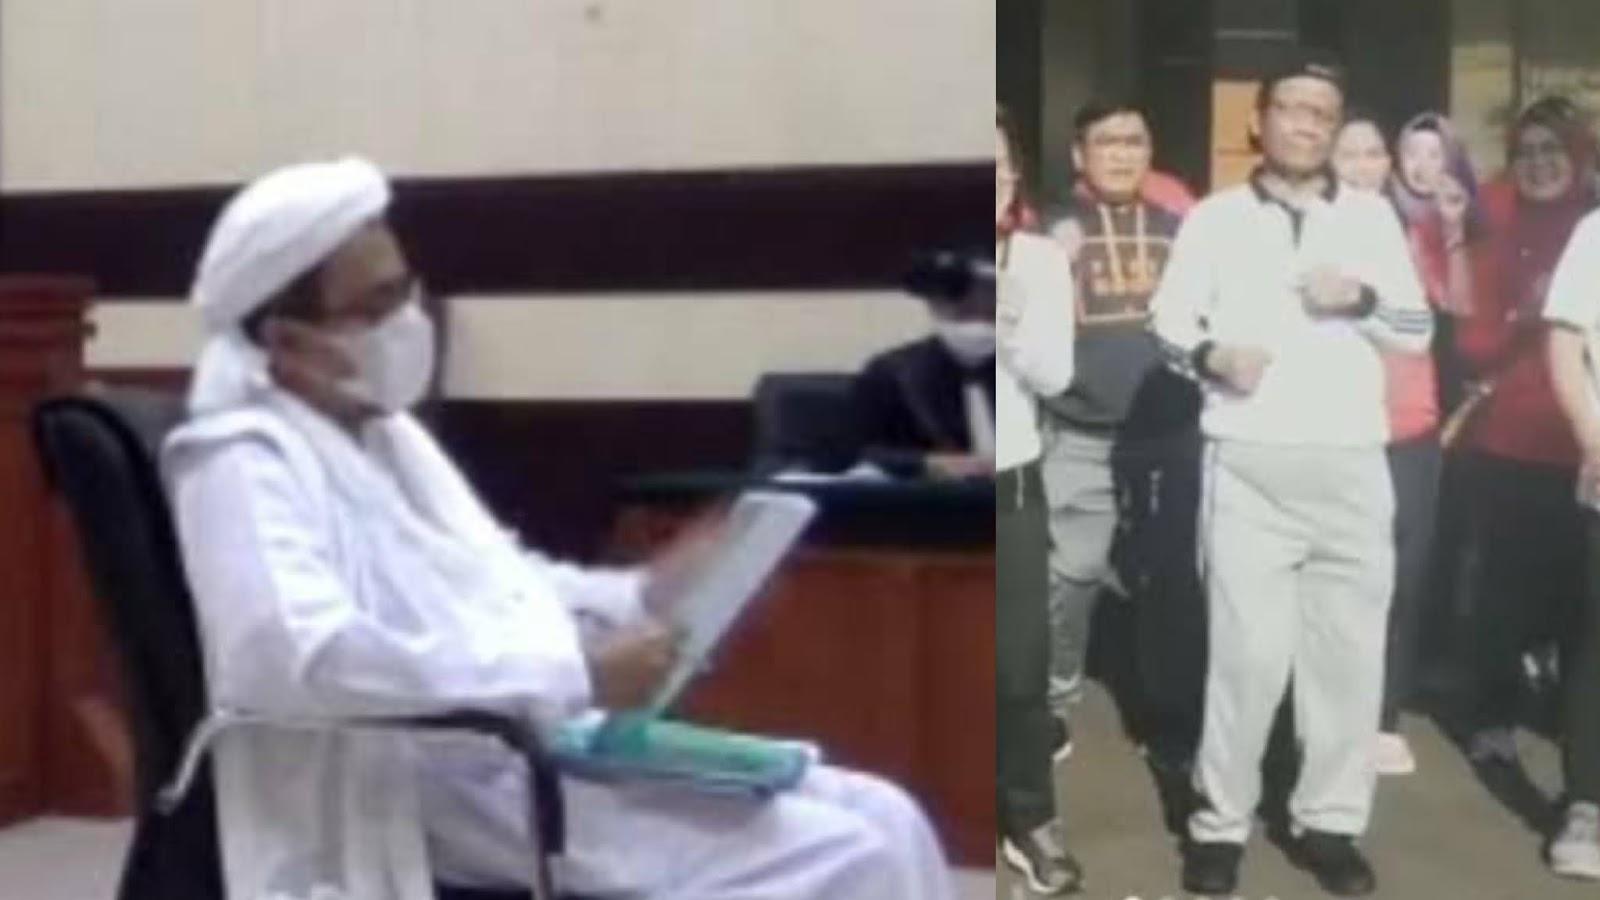 Sebut Pejabat Bohong soal Covid, Habib Rizieq Minta Mahfud-Luhut Diproses Hukum